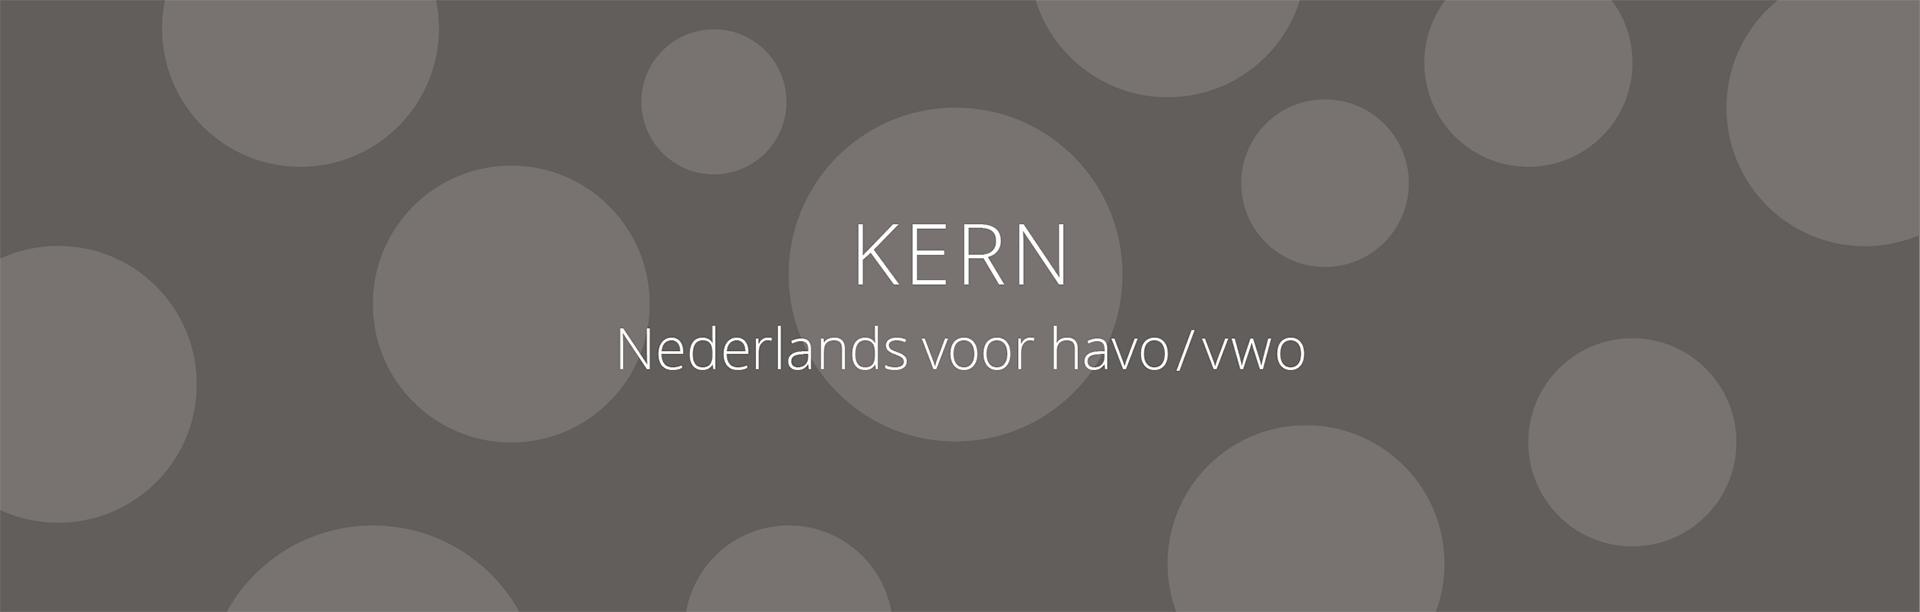 KERN Nederlands havo/vwo